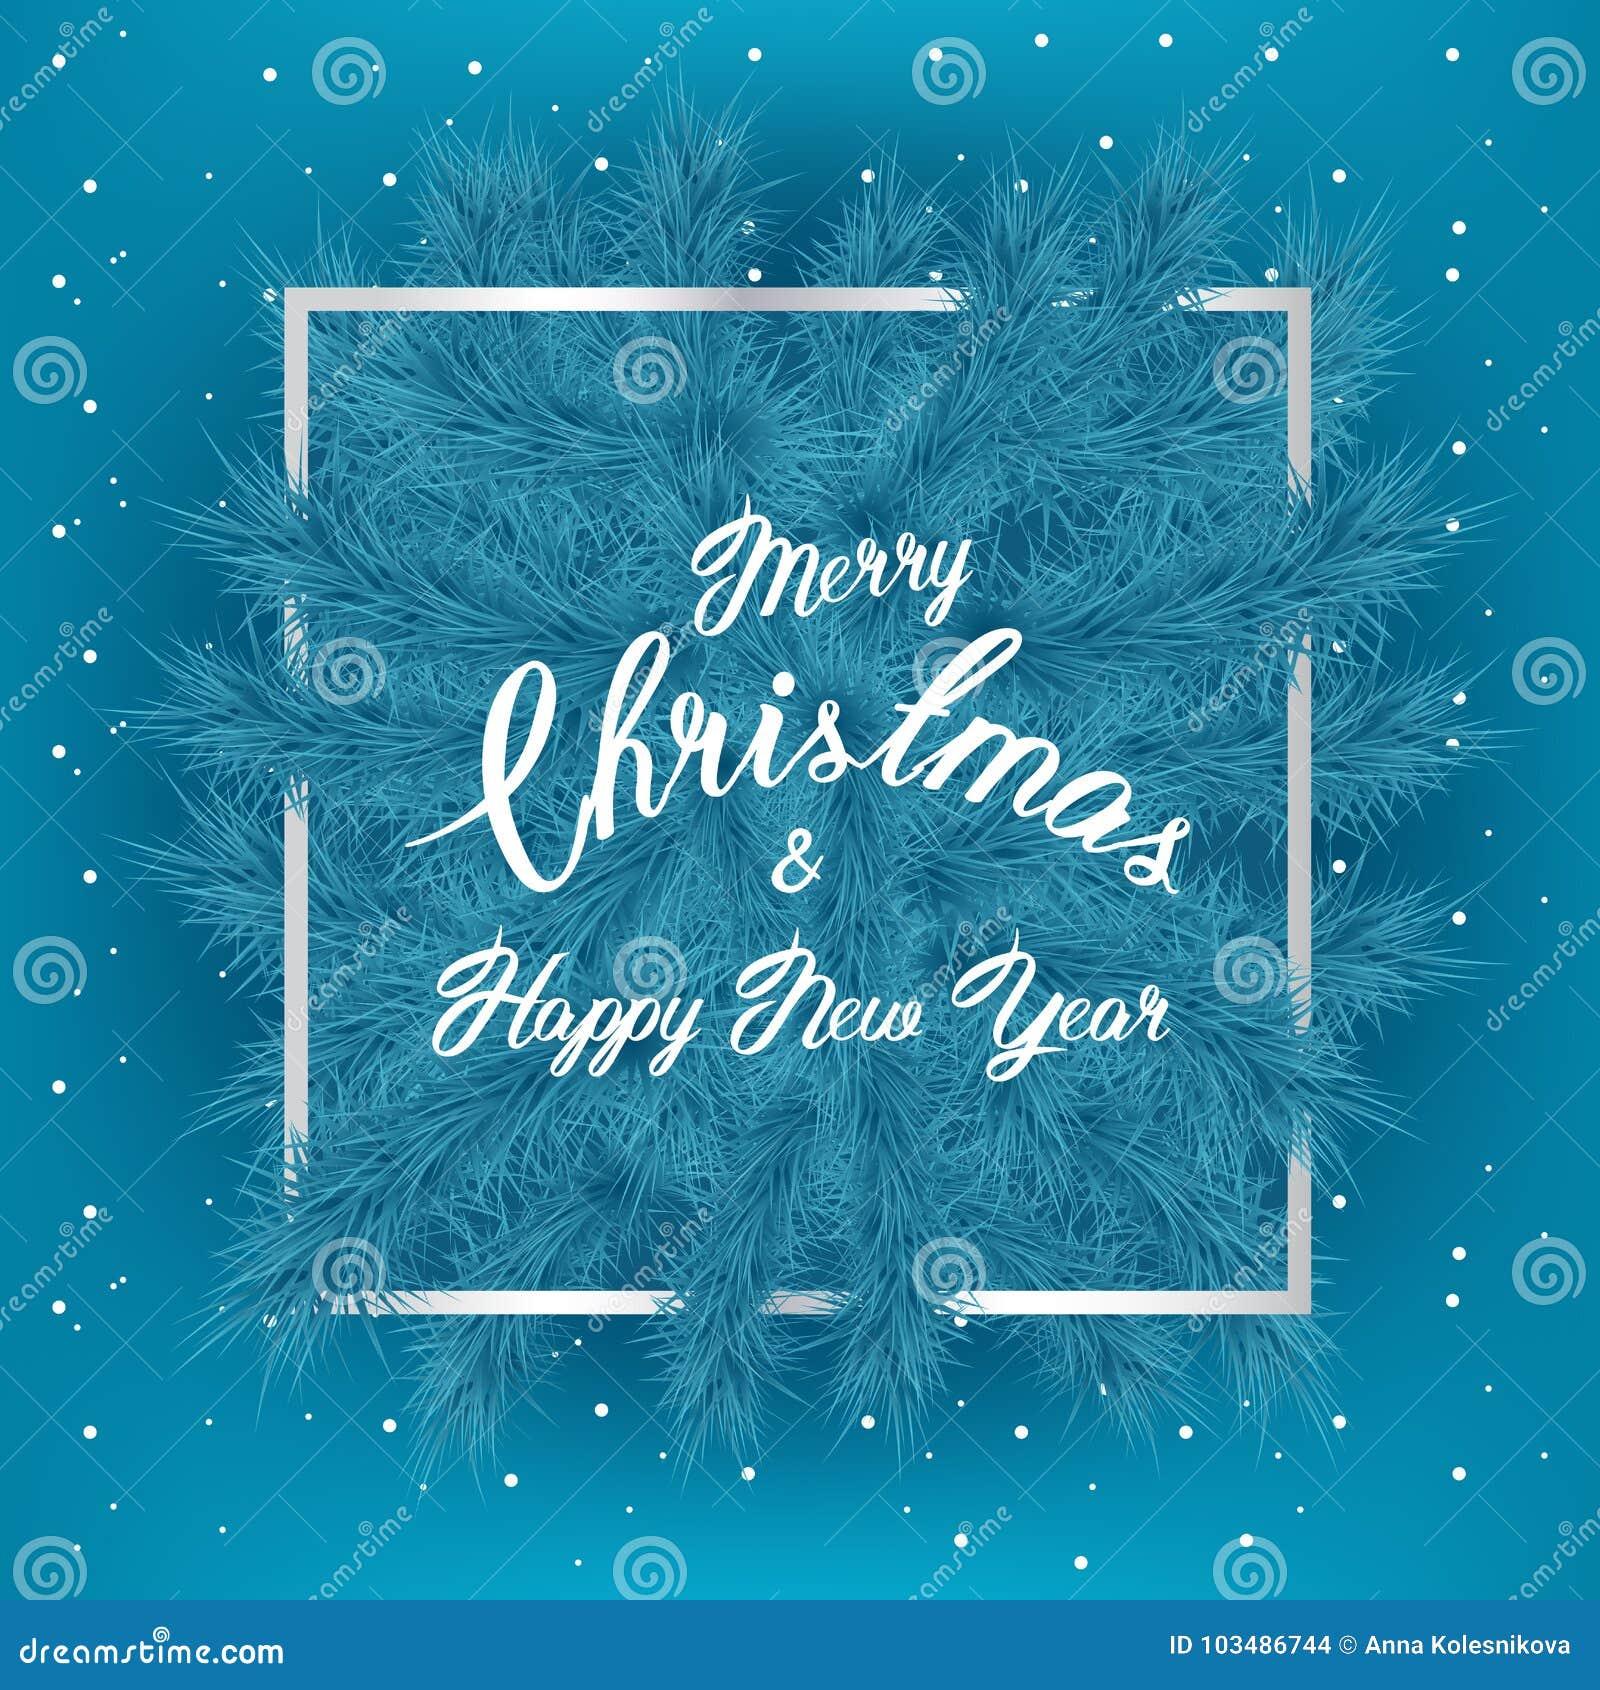 Ramas De árbol De Navidad Con Lema Y El Marco Fino De Plata Y Nieve ...